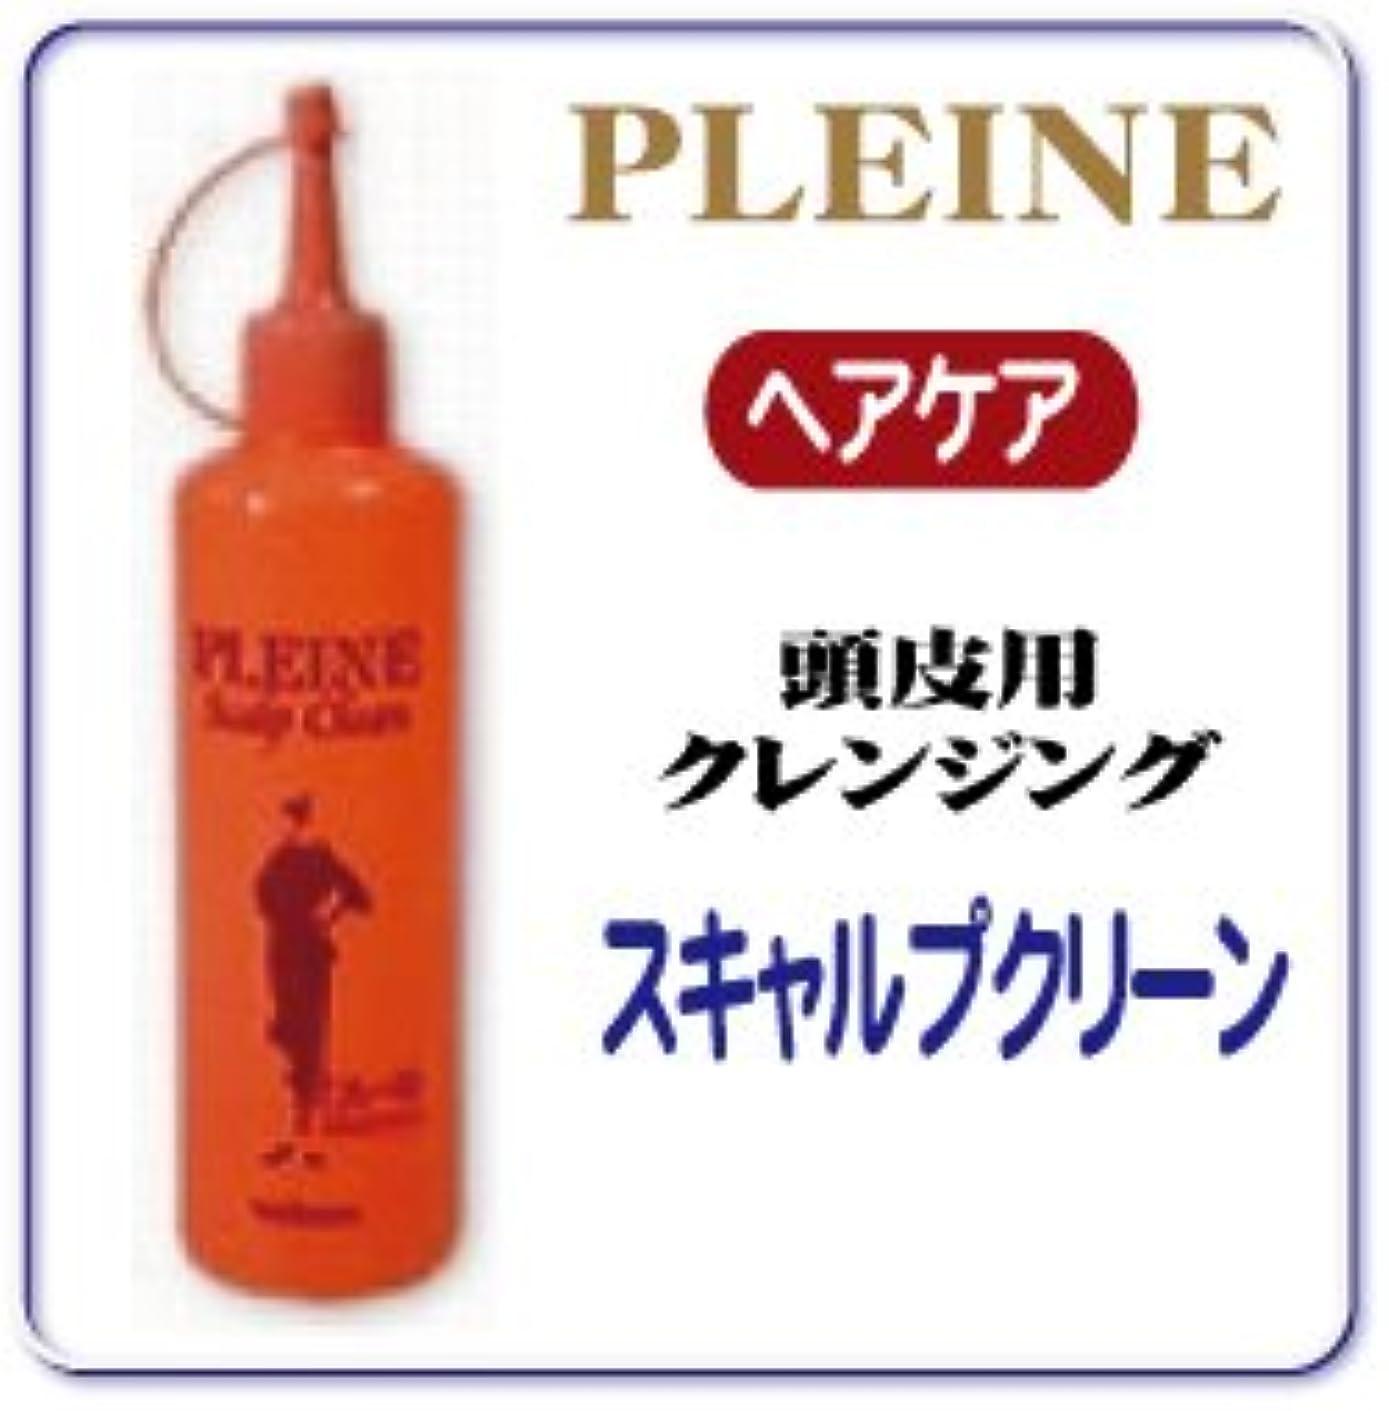 機関車選出するバーチャルベルマン化粧品 PLEINEシリーズ  スキャルプクリーン  頭皮用クレンジング 300ml